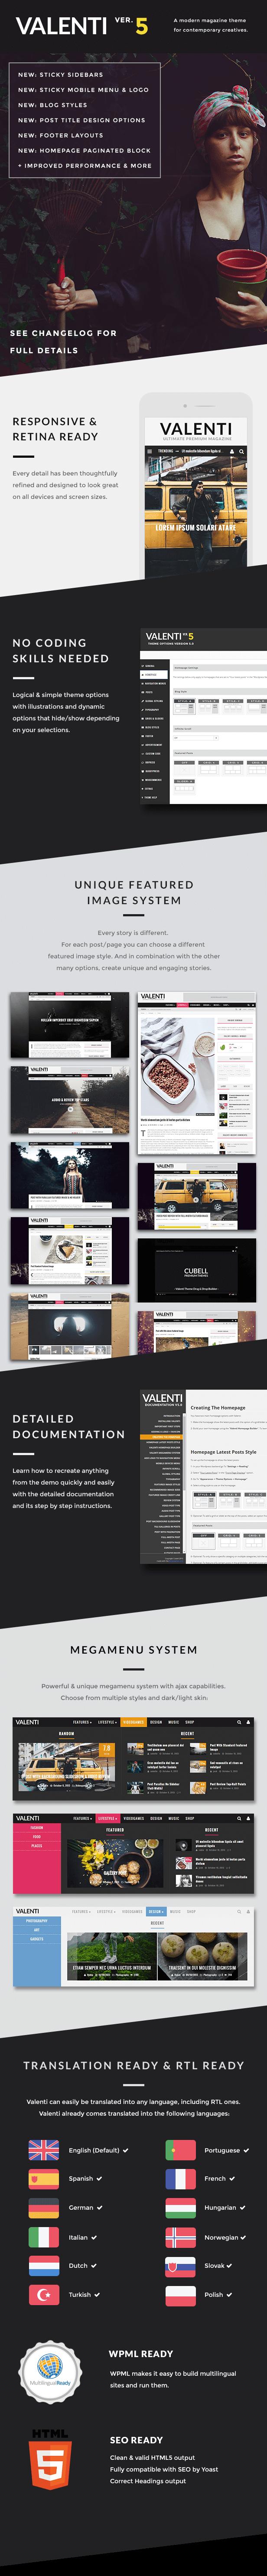 Valenti wordpress magazine theme for 2021 features